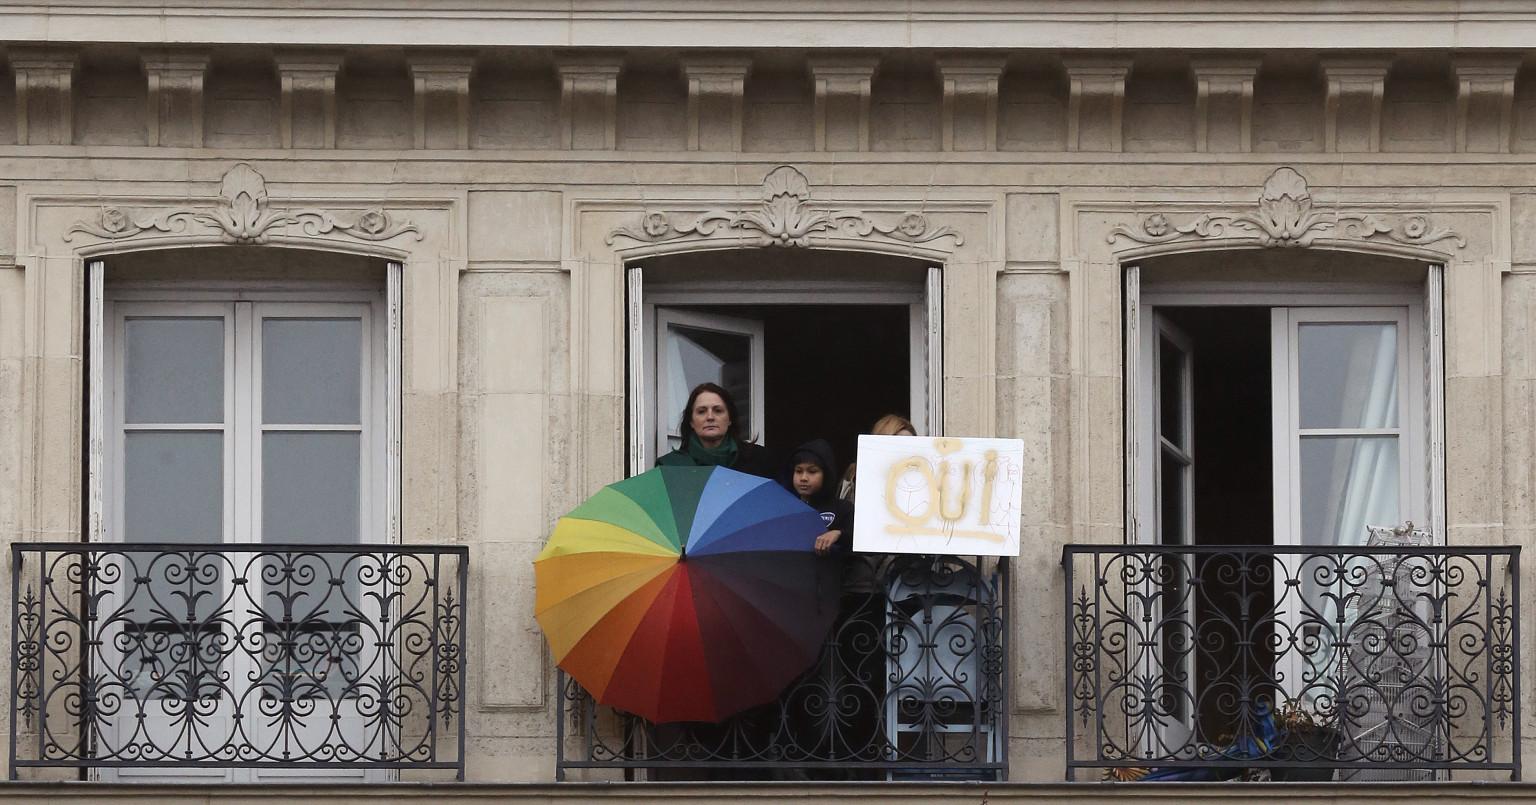 mariage gay le premier article autorisant le mariage pour tous est adopt au s nat huffpost uk. Black Bedroom Furniture Sets. Home Design Ideas